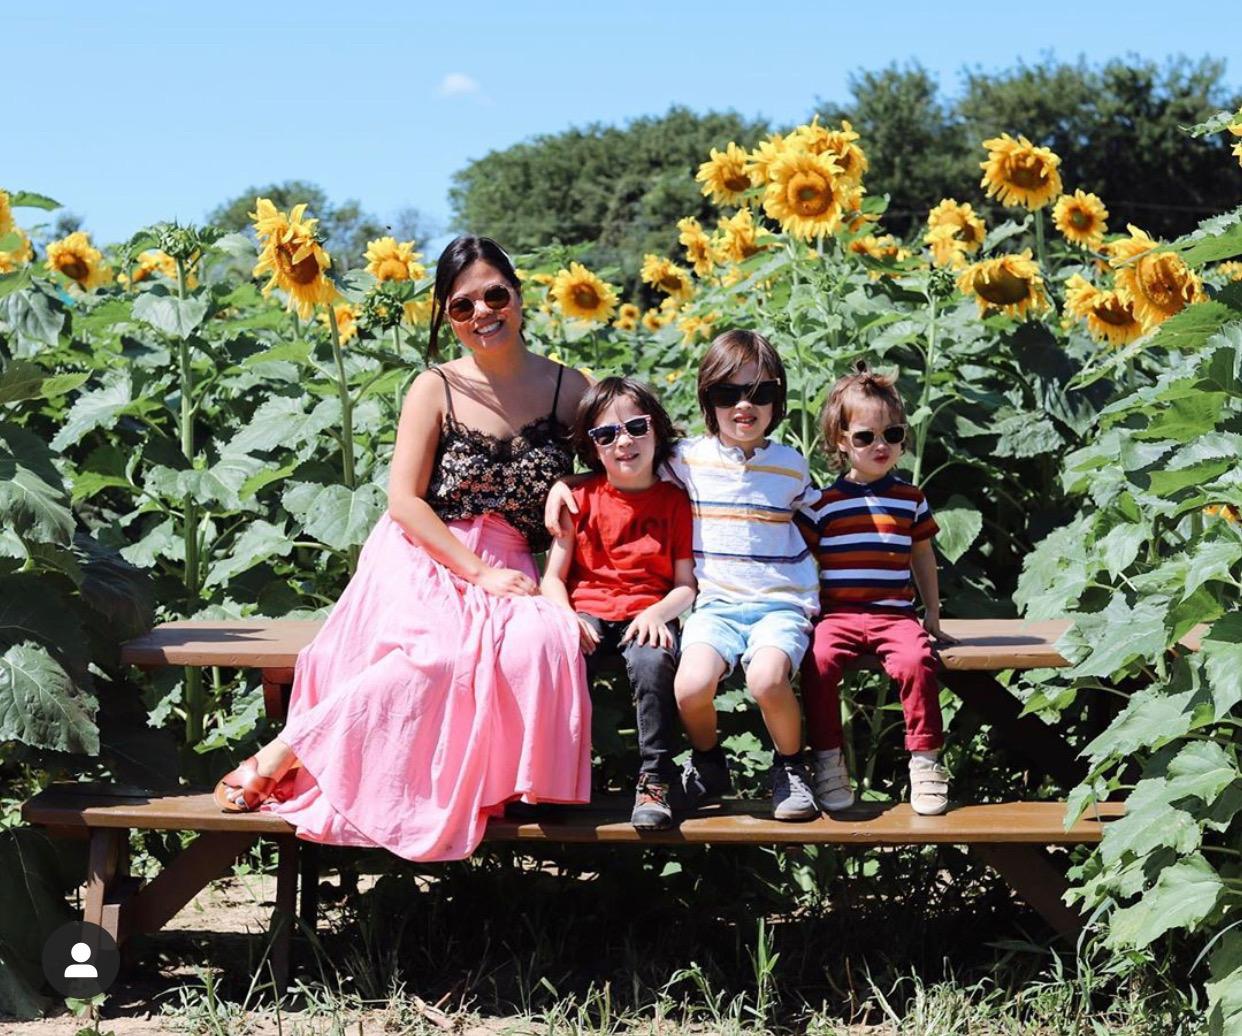 nj mom sunflower farms New Jersey sunflowers fields mazes